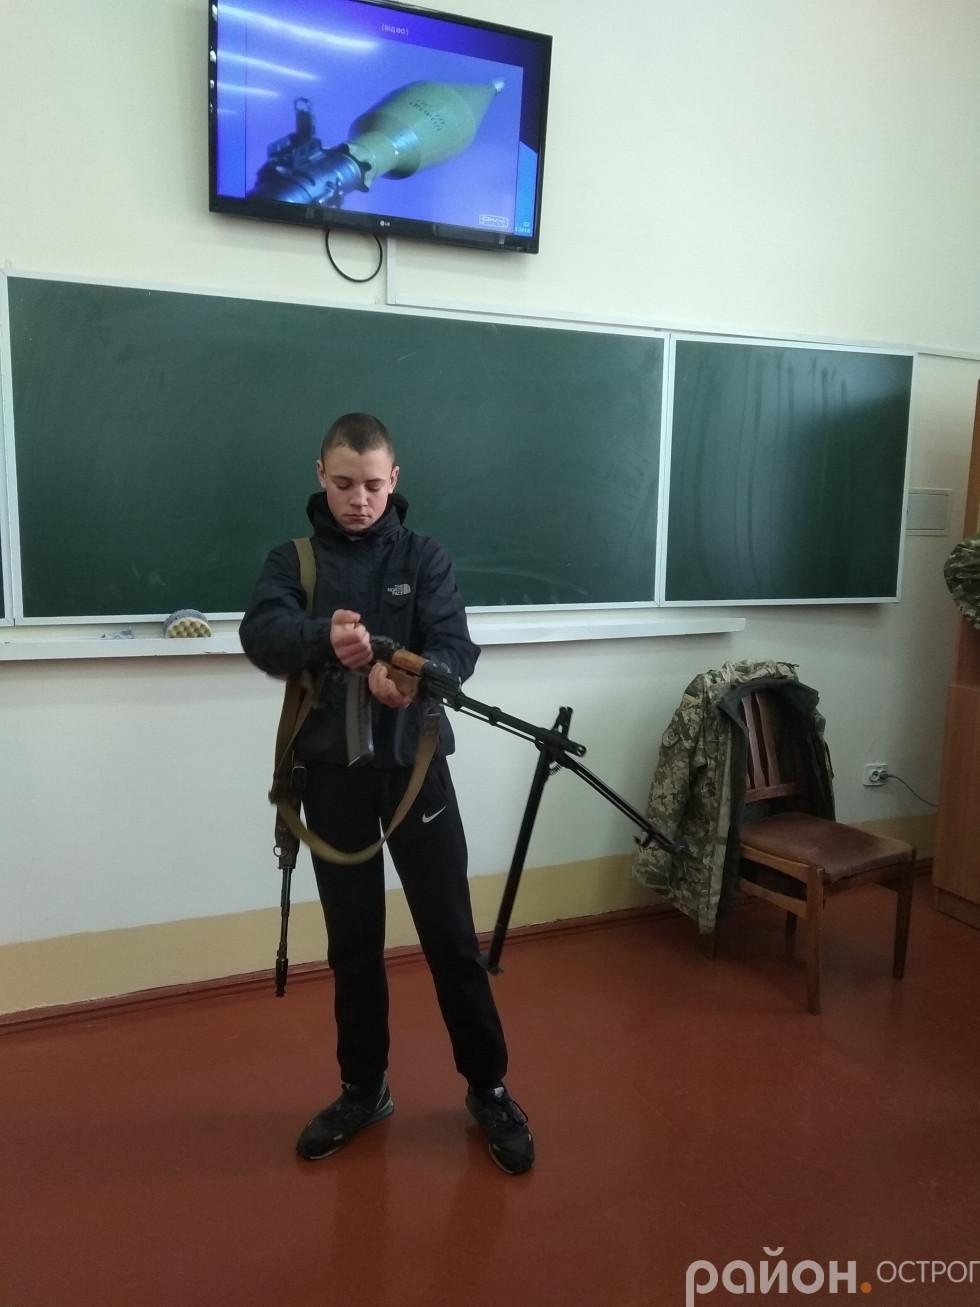 Школярів неабияк зацікавила зброя